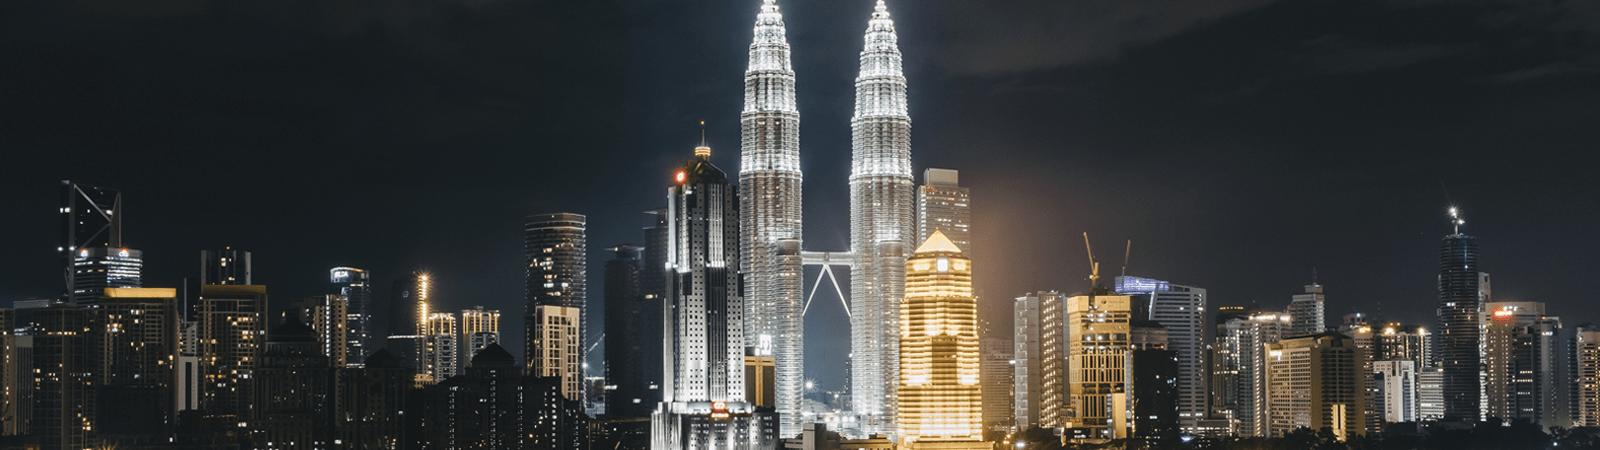 malaysia-tours